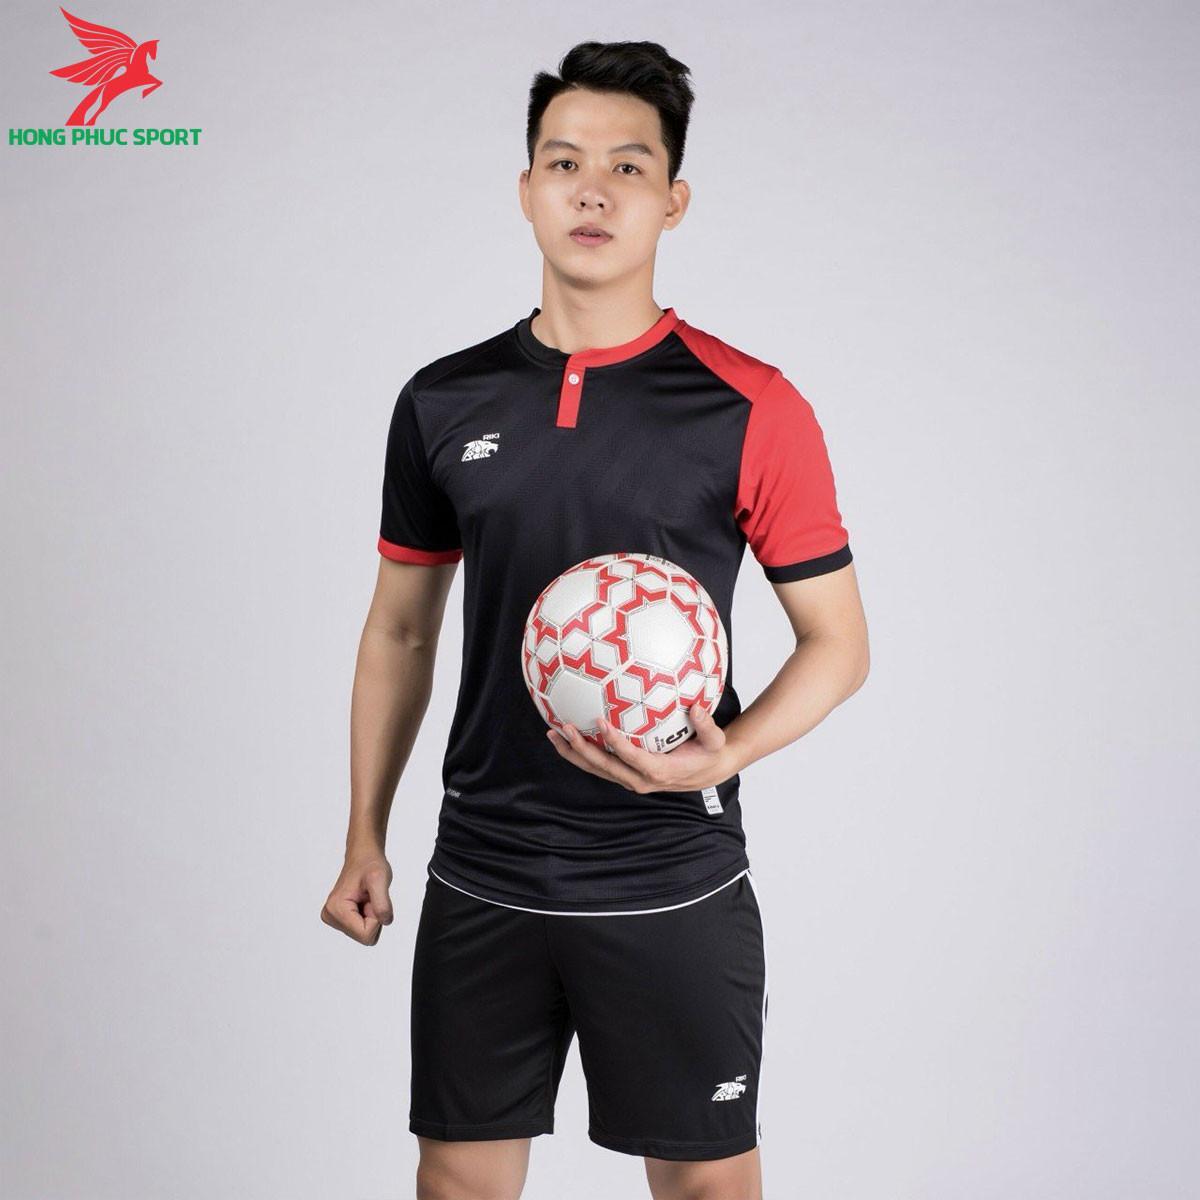 áo bóng đá không logo Riki Lostoran Đen